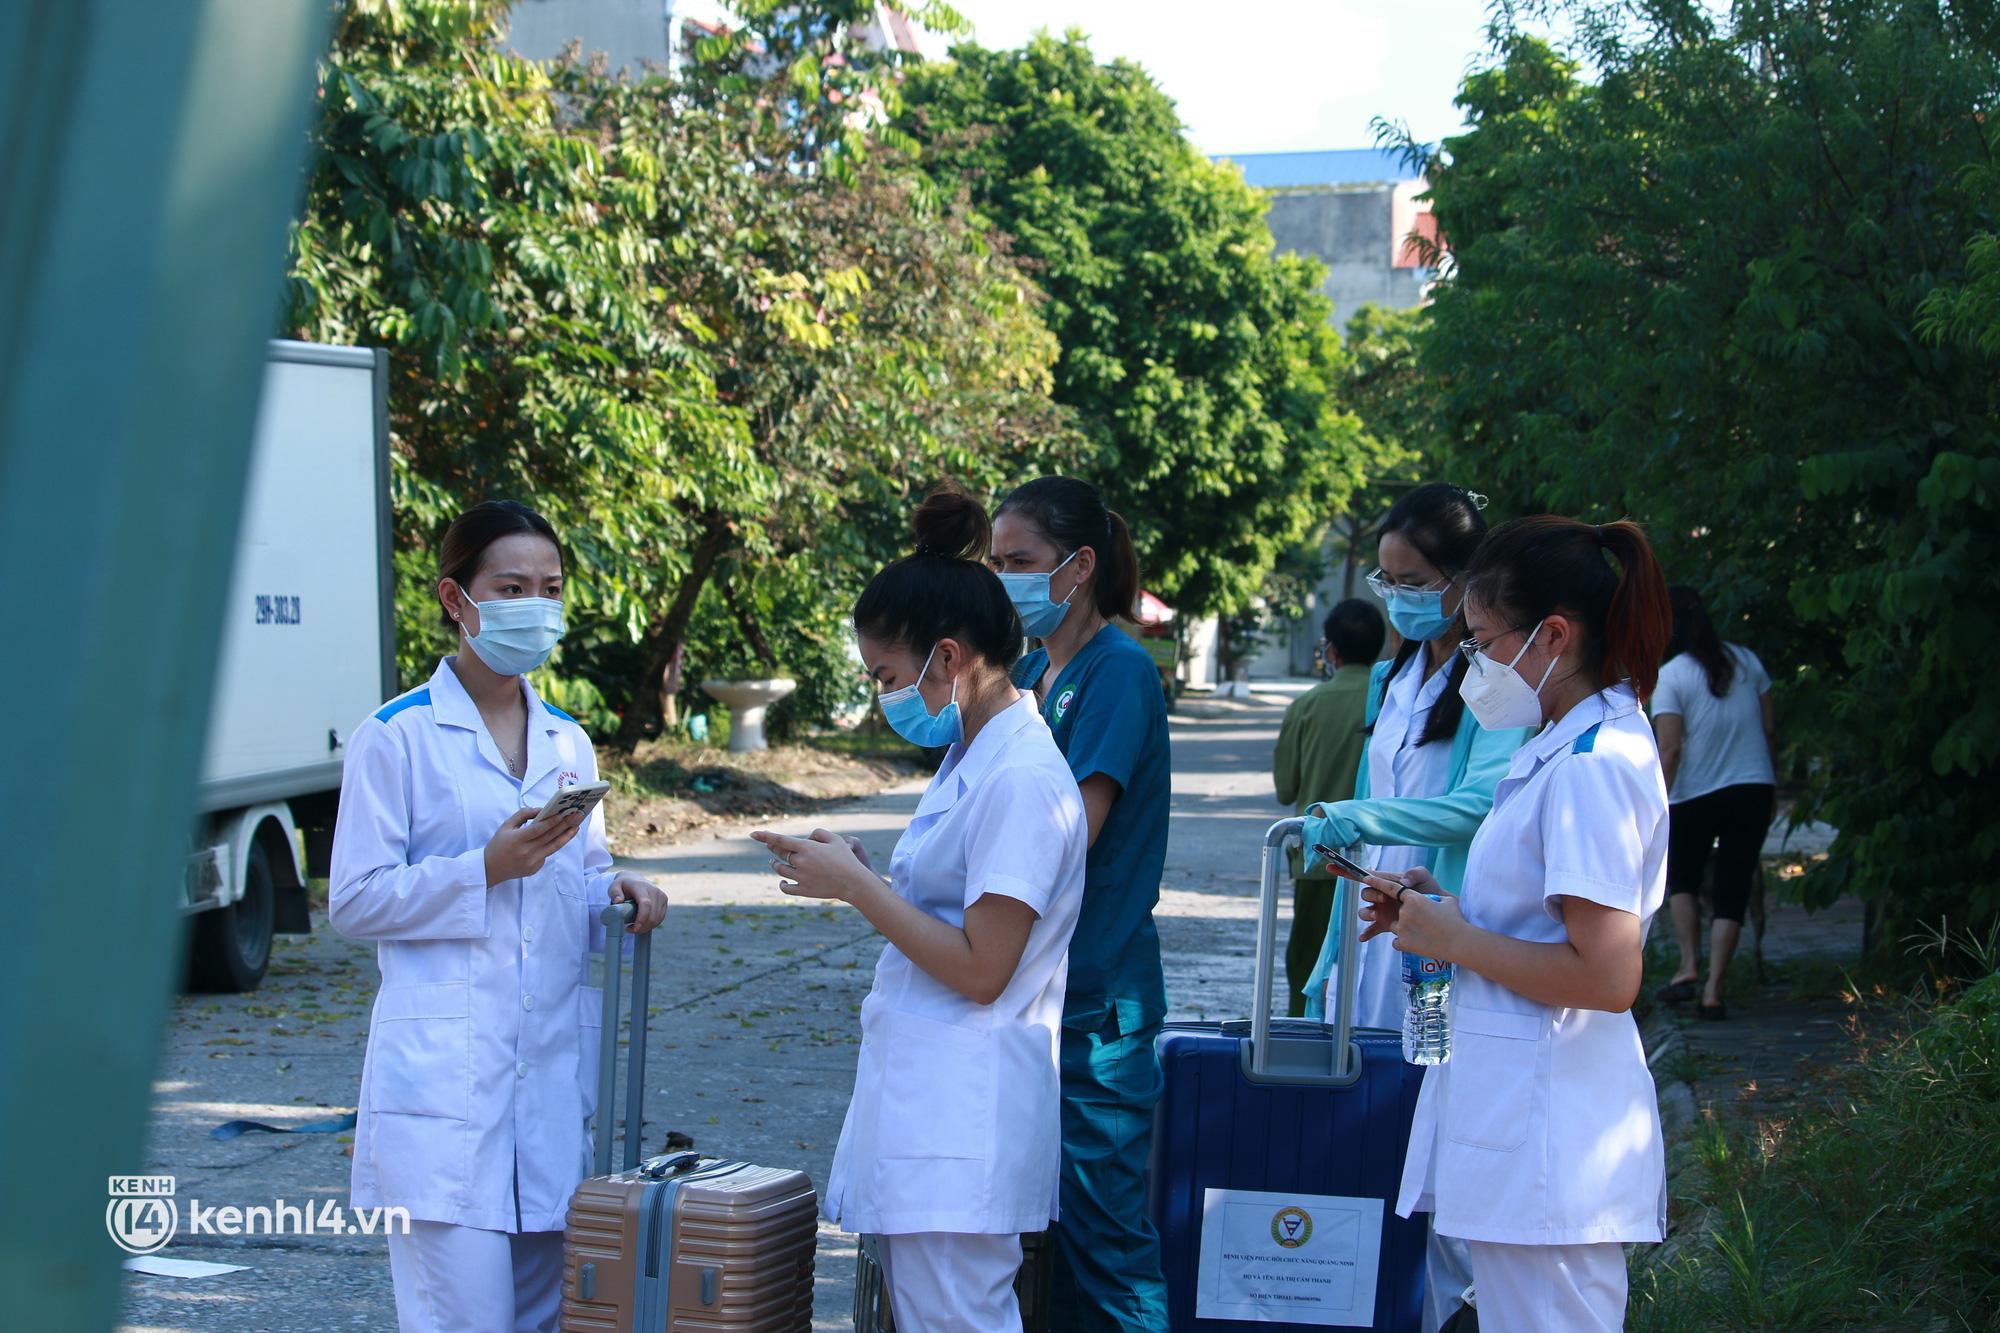 Ảnh: Khẩn trương xét nghiệm hơn 9.000 dân sau khi phát hiện 5 ca mắc Covid-19 ở ngoại thành Hà Nội - Ảnh 5.